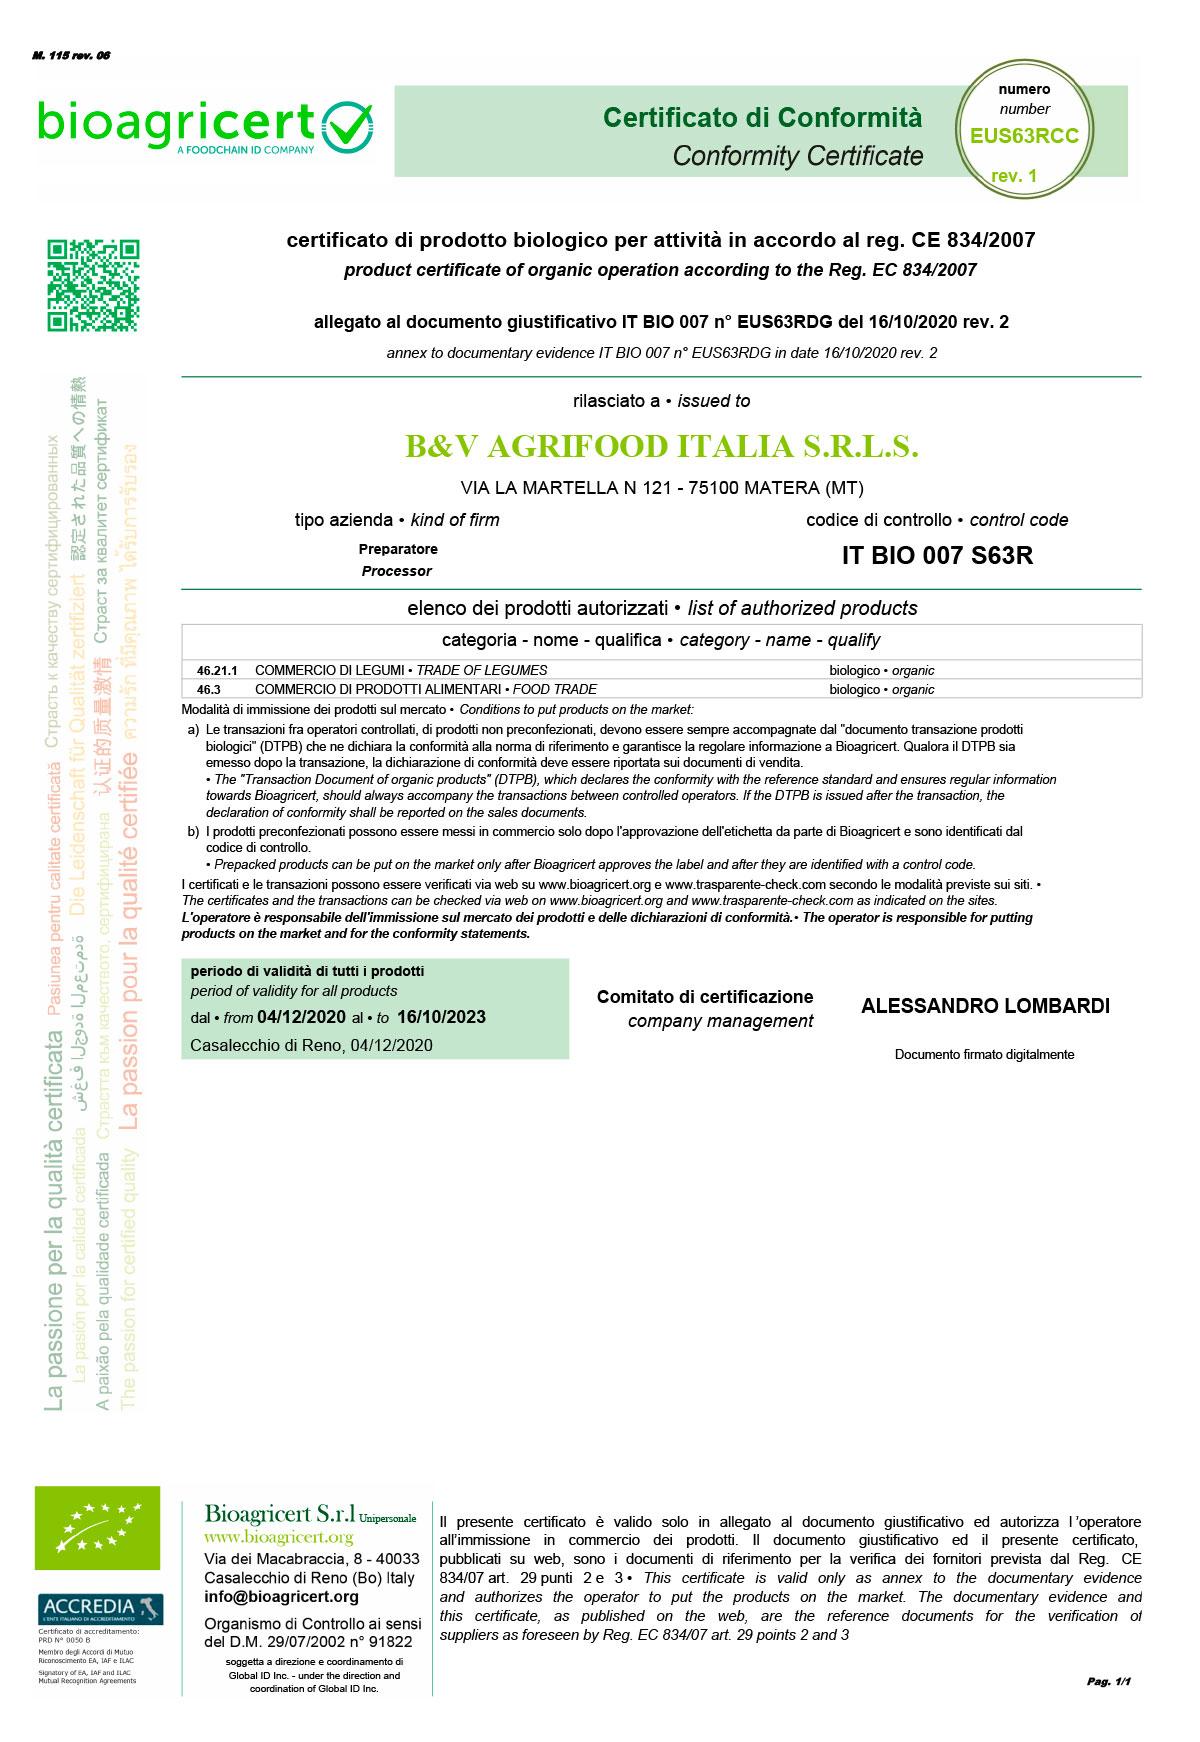 B&V-AgrifoodIT_EUS63RCC certificazione bio dimitria pasta olio legumi basilicata